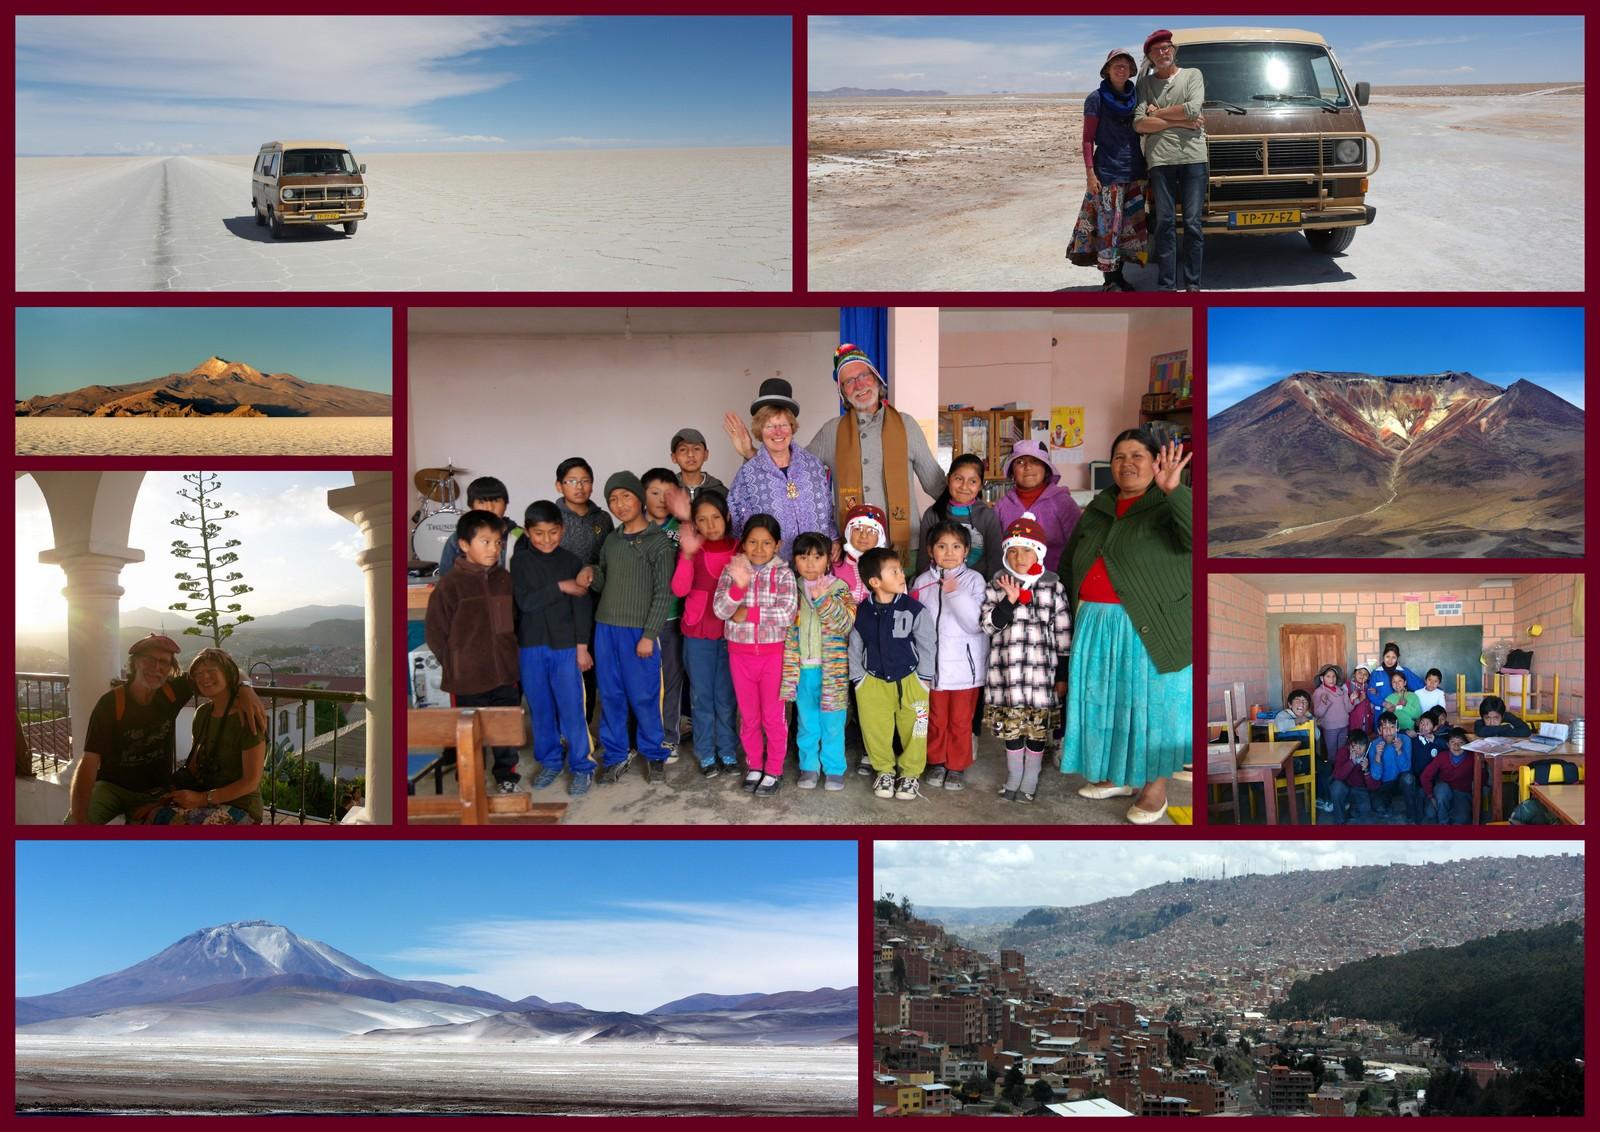 2015-12-19 Kerstkaart en Nieuwjaarsgroet vanuit Irpanani, Senkata, La Paz, Bolivia(1)